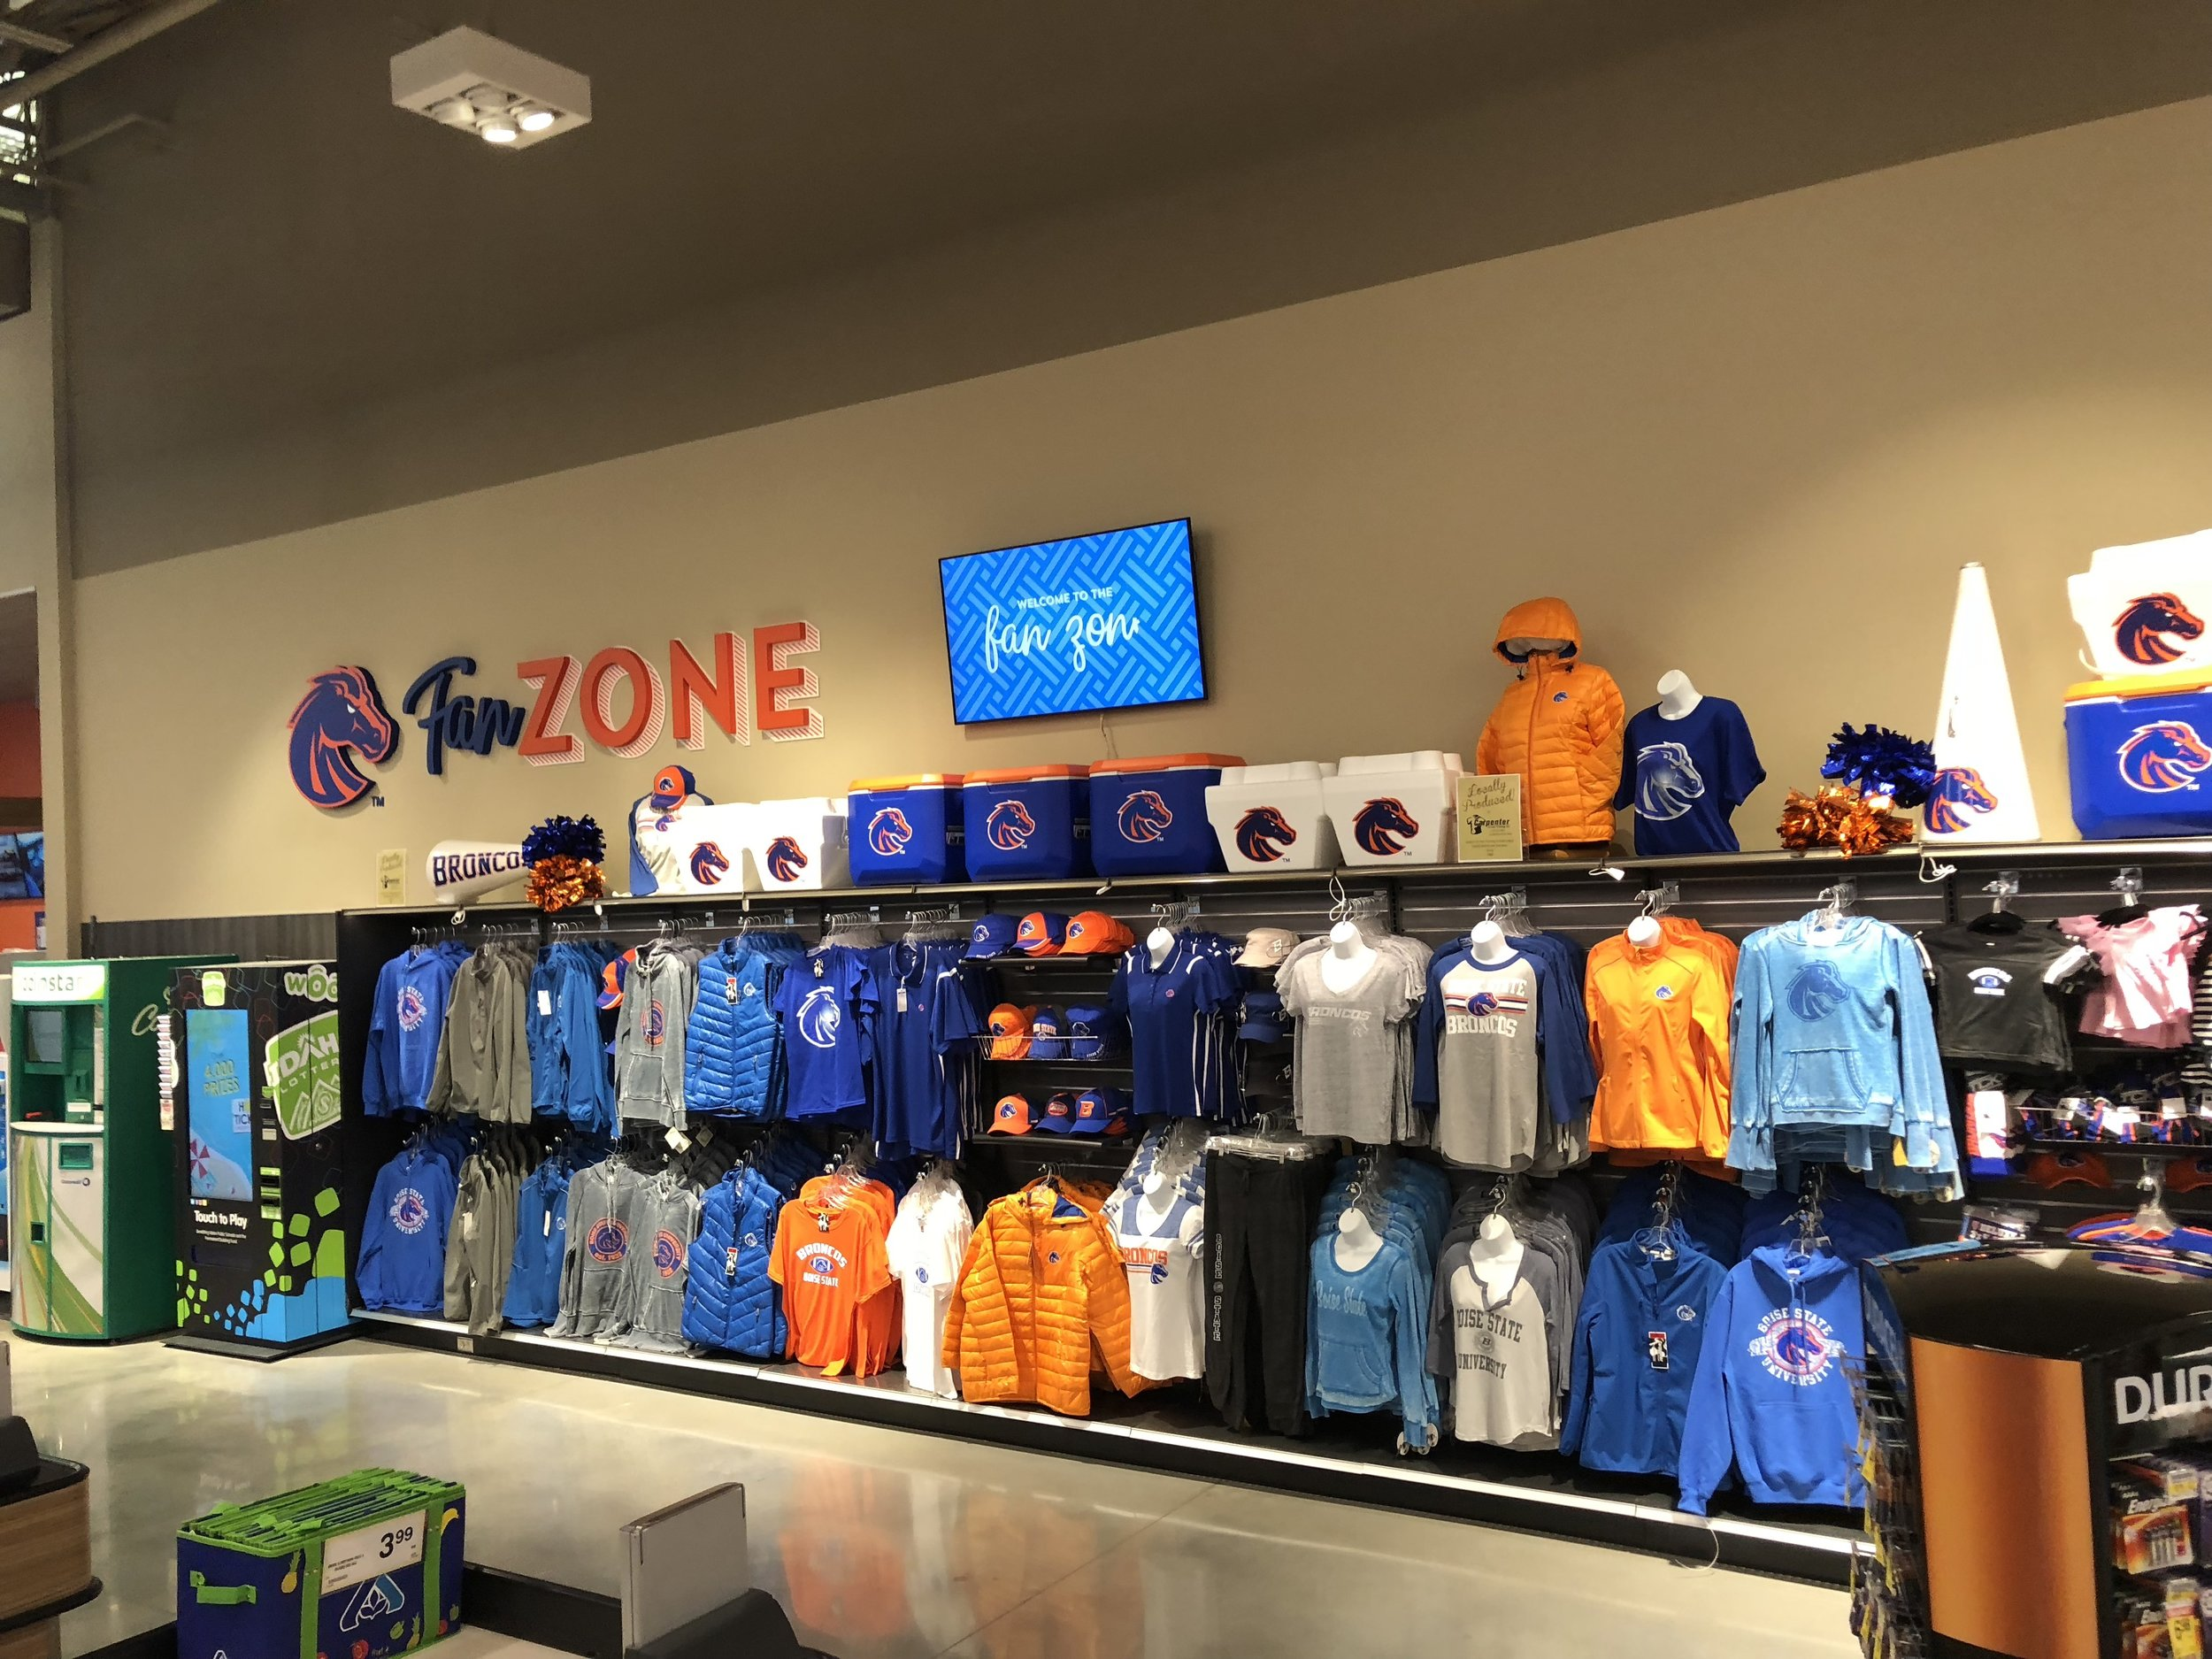 Boise State fan zone